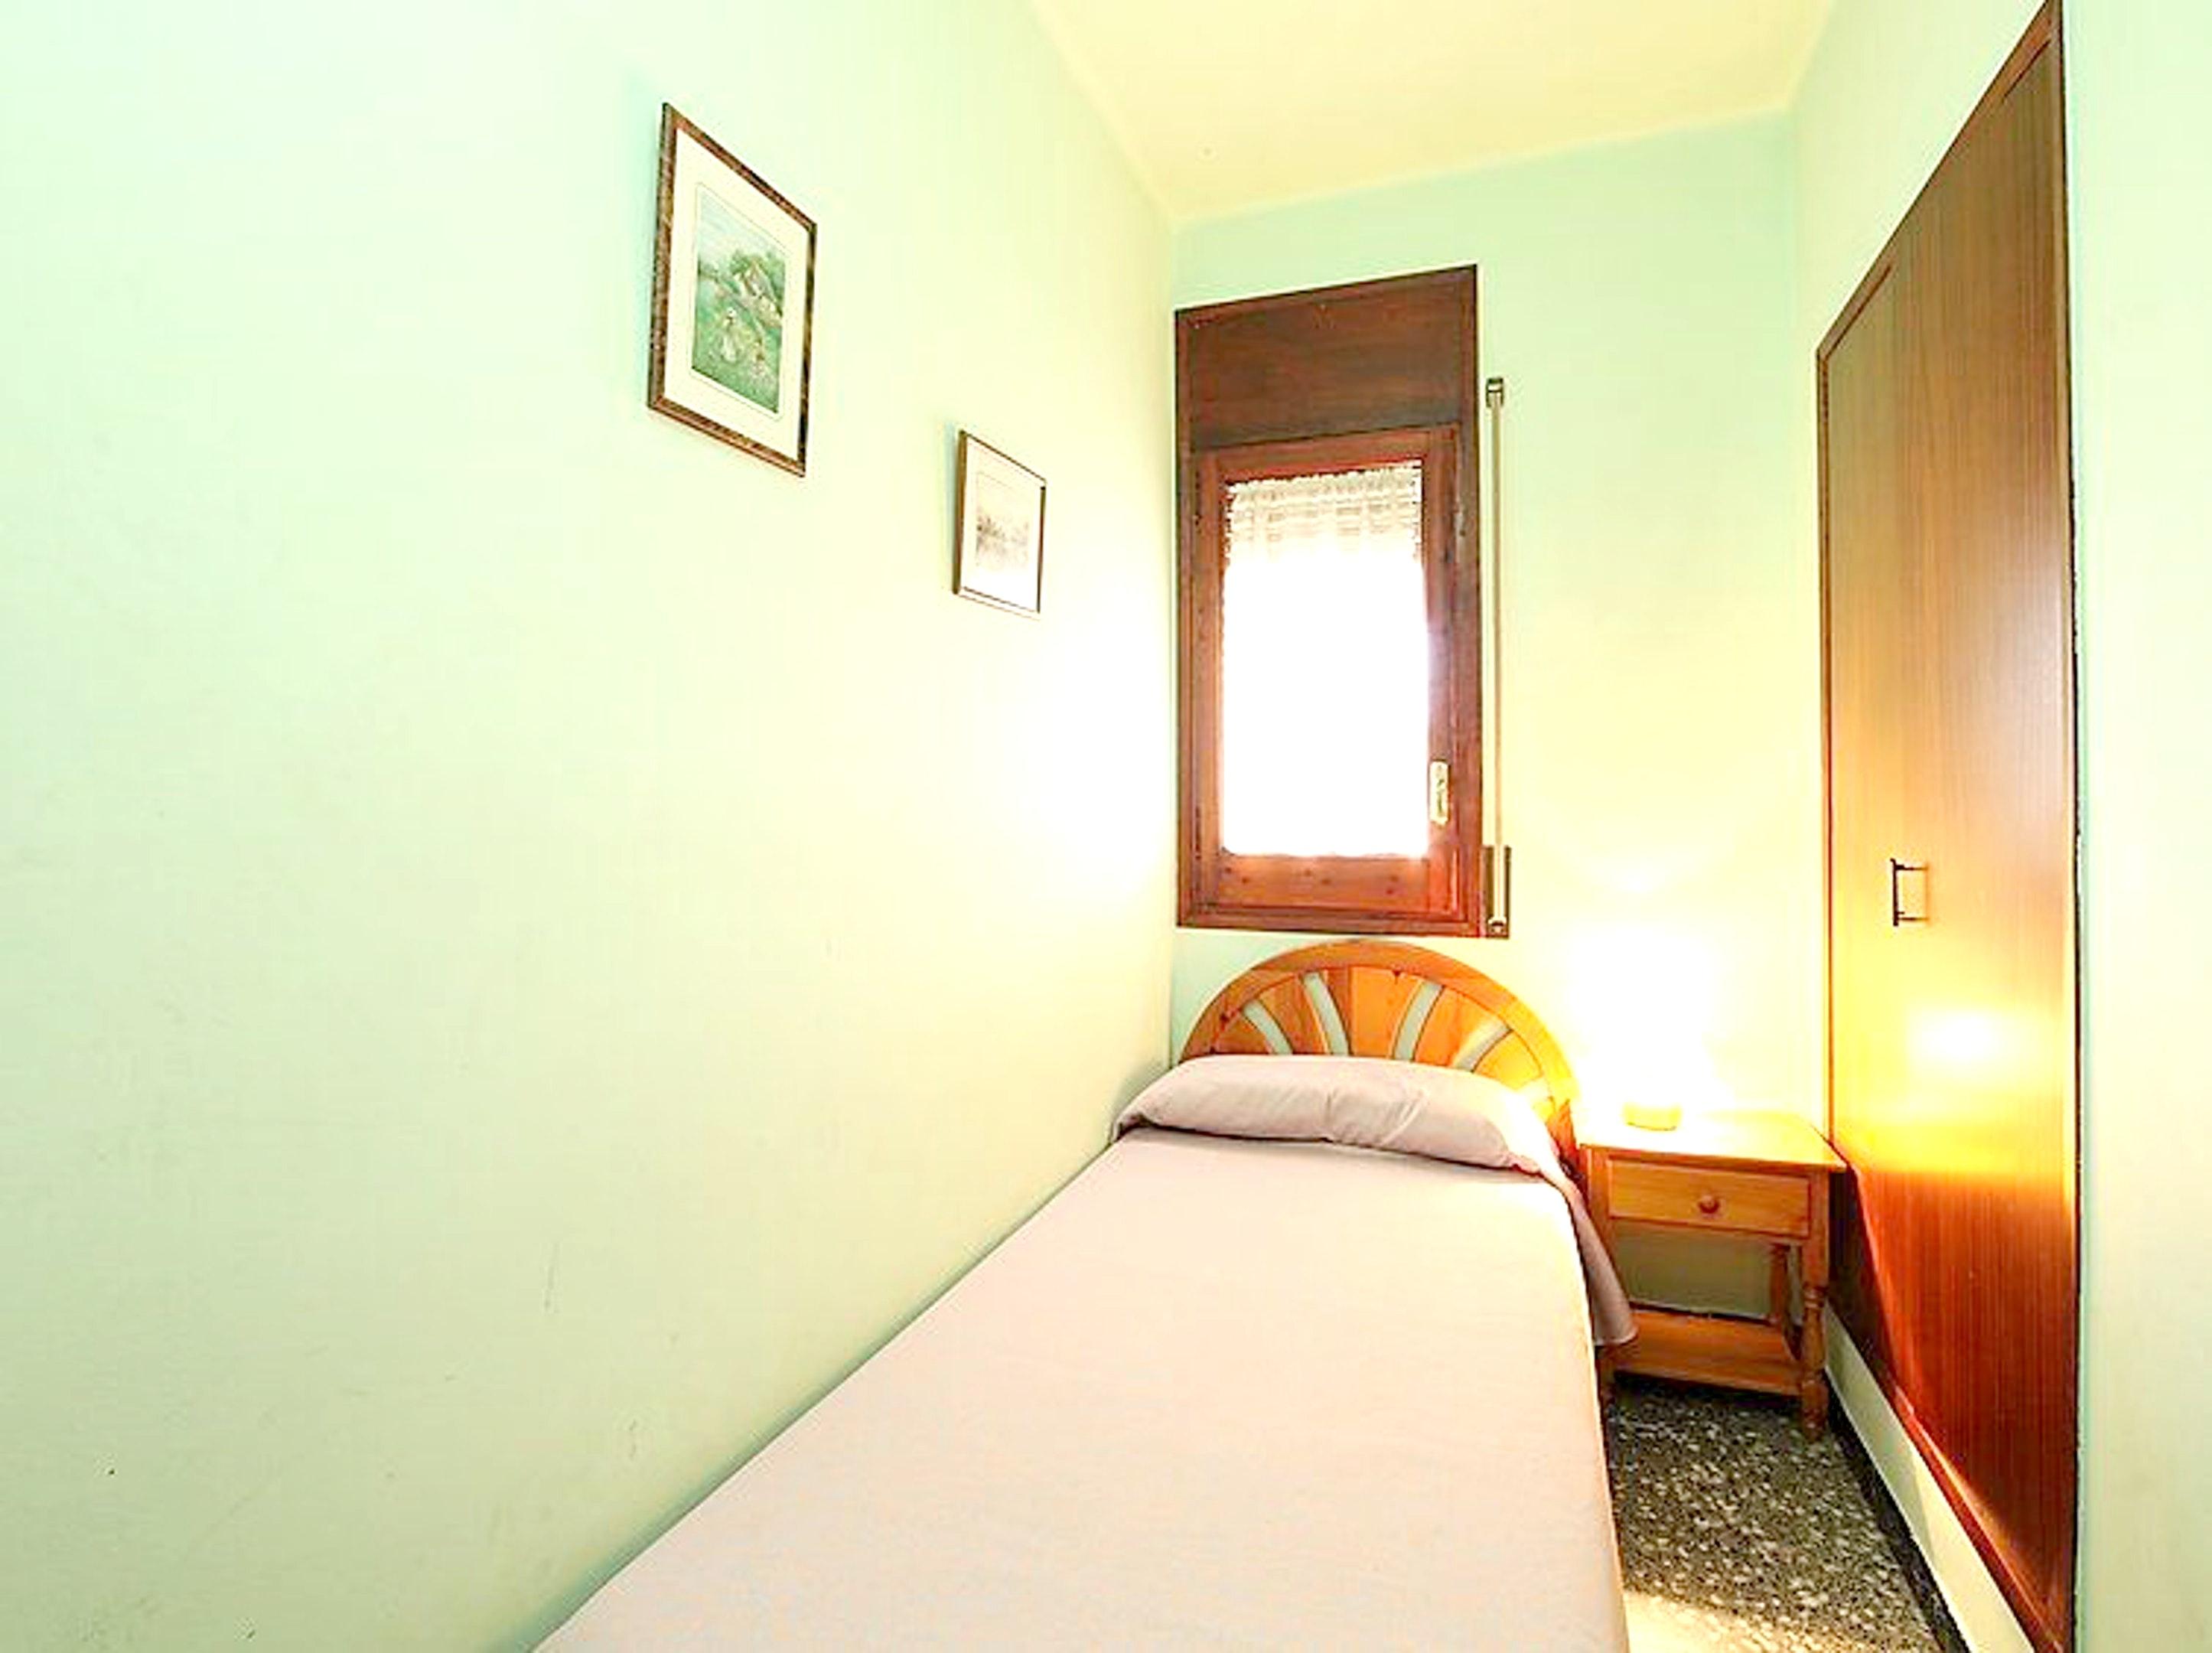 Ferienhaus Villa mit 6 Schlafzimmern in Canyelles mit toller Aussicht auf die Berge, privatem Pool, e (2339365), Canyelles, Costa del Garraf, Katalonien, Spanien, Bild 10